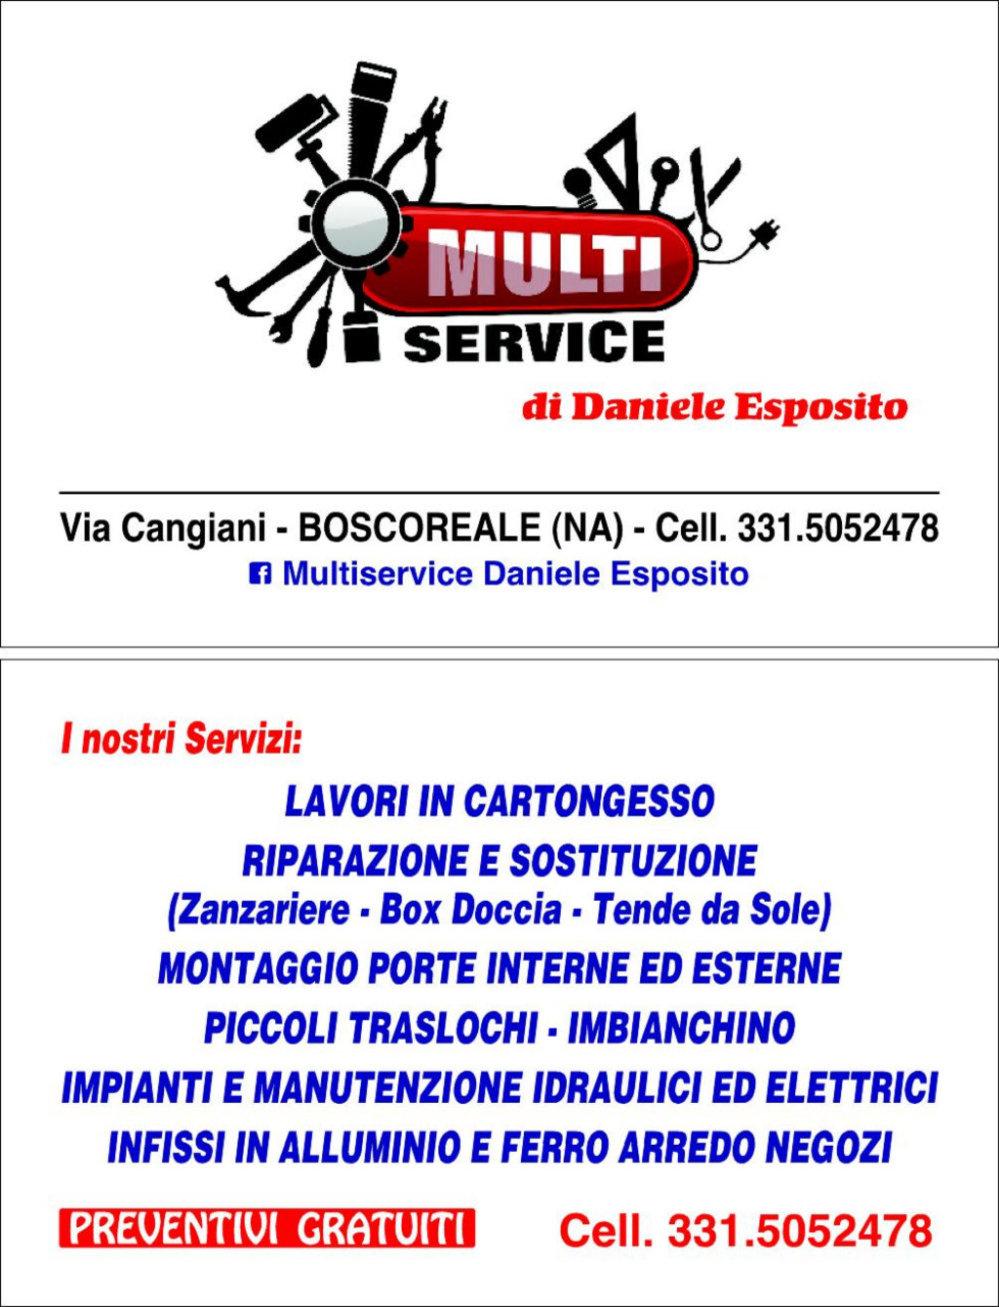 Multiservice Daniele Esposito  cover